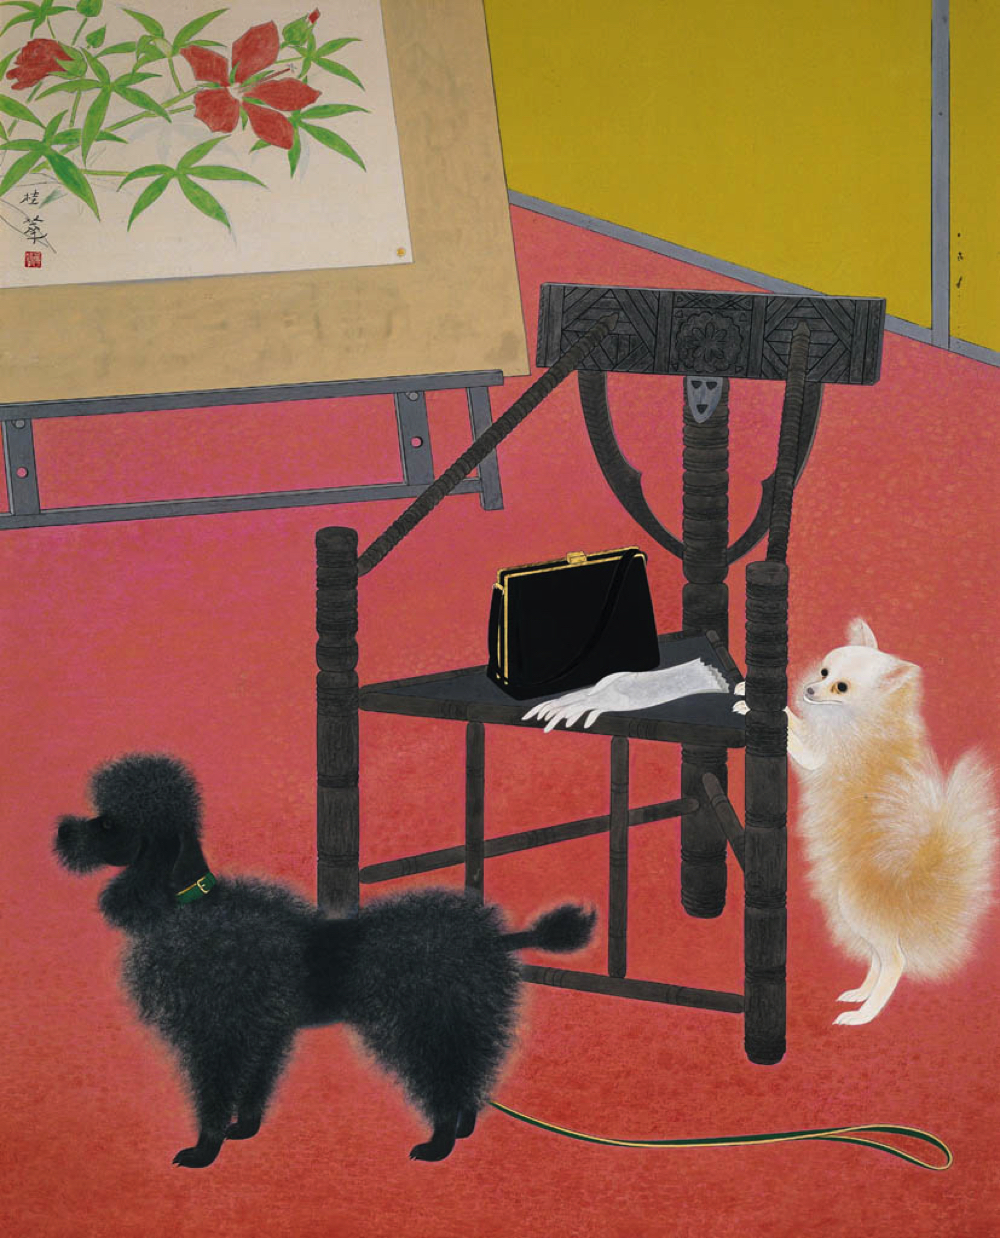 金島桂華《画室の客》  主催:京都市、美術館「えき」KYOTO、京都新聞